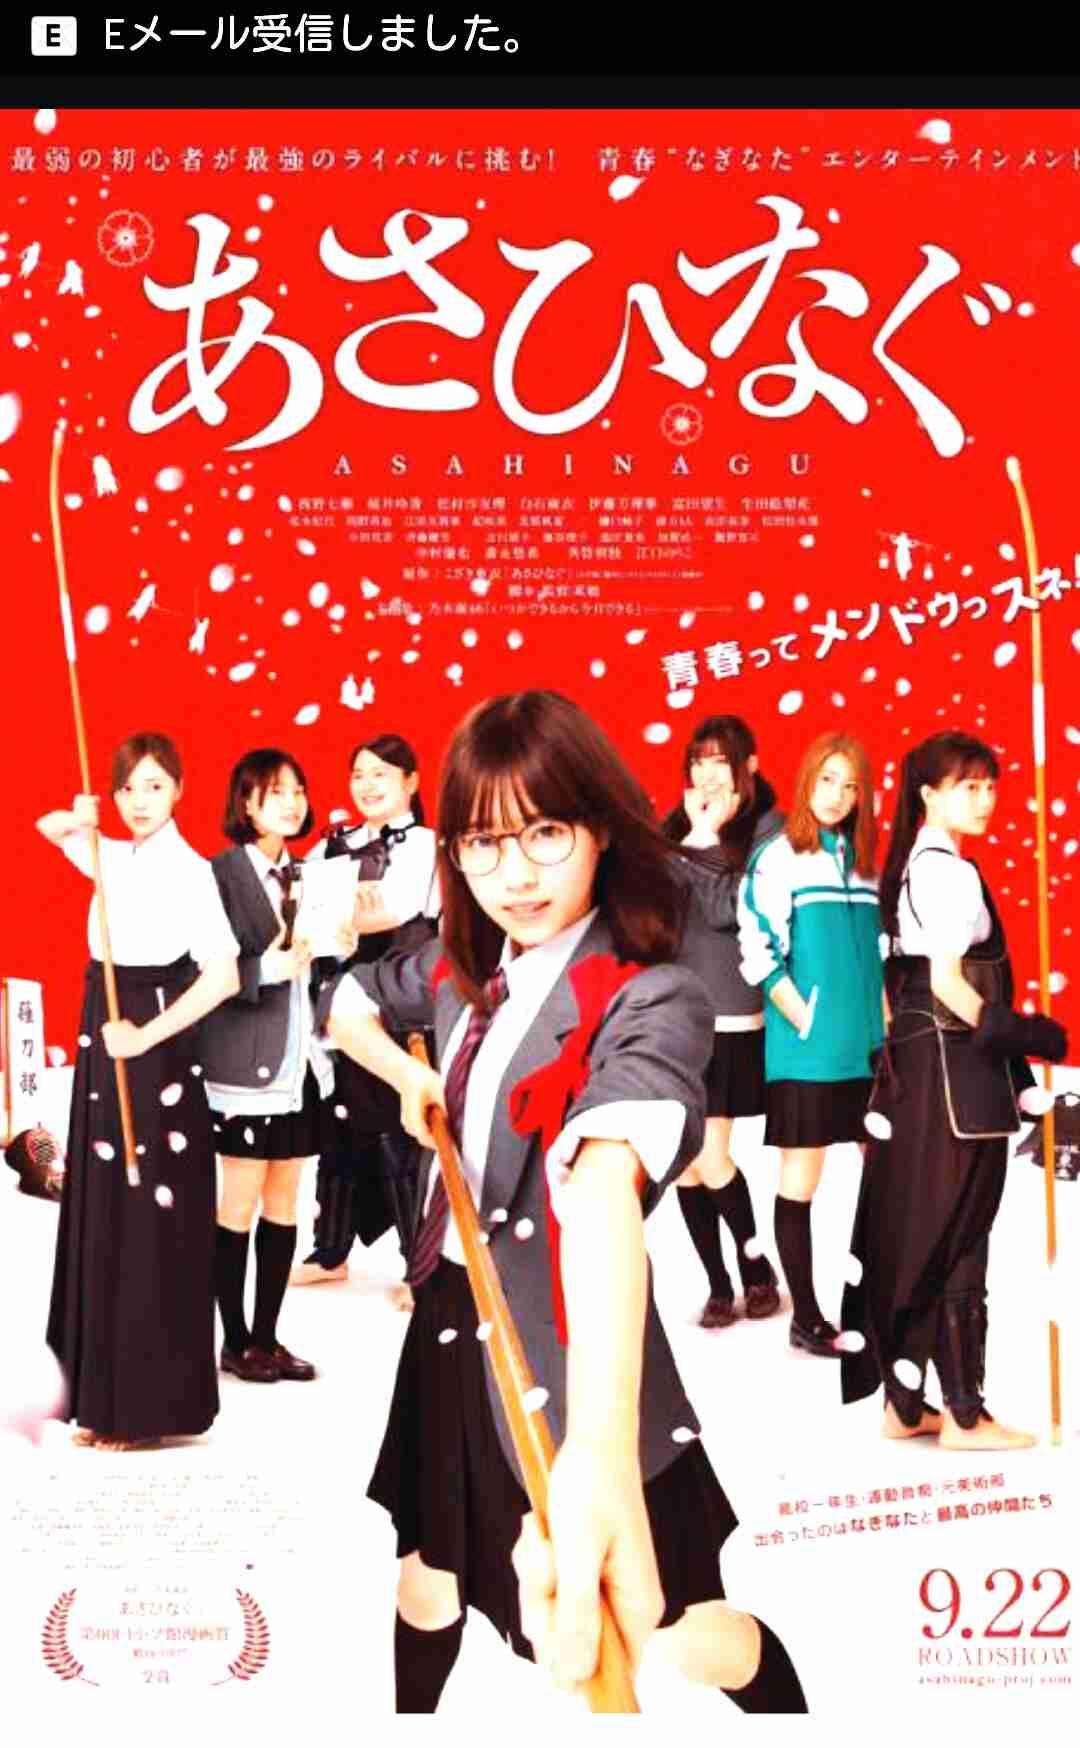 吉高由里子の主演映画が「100年残る大爆死」!? 乃木坂46の小規模公開映画に完敗